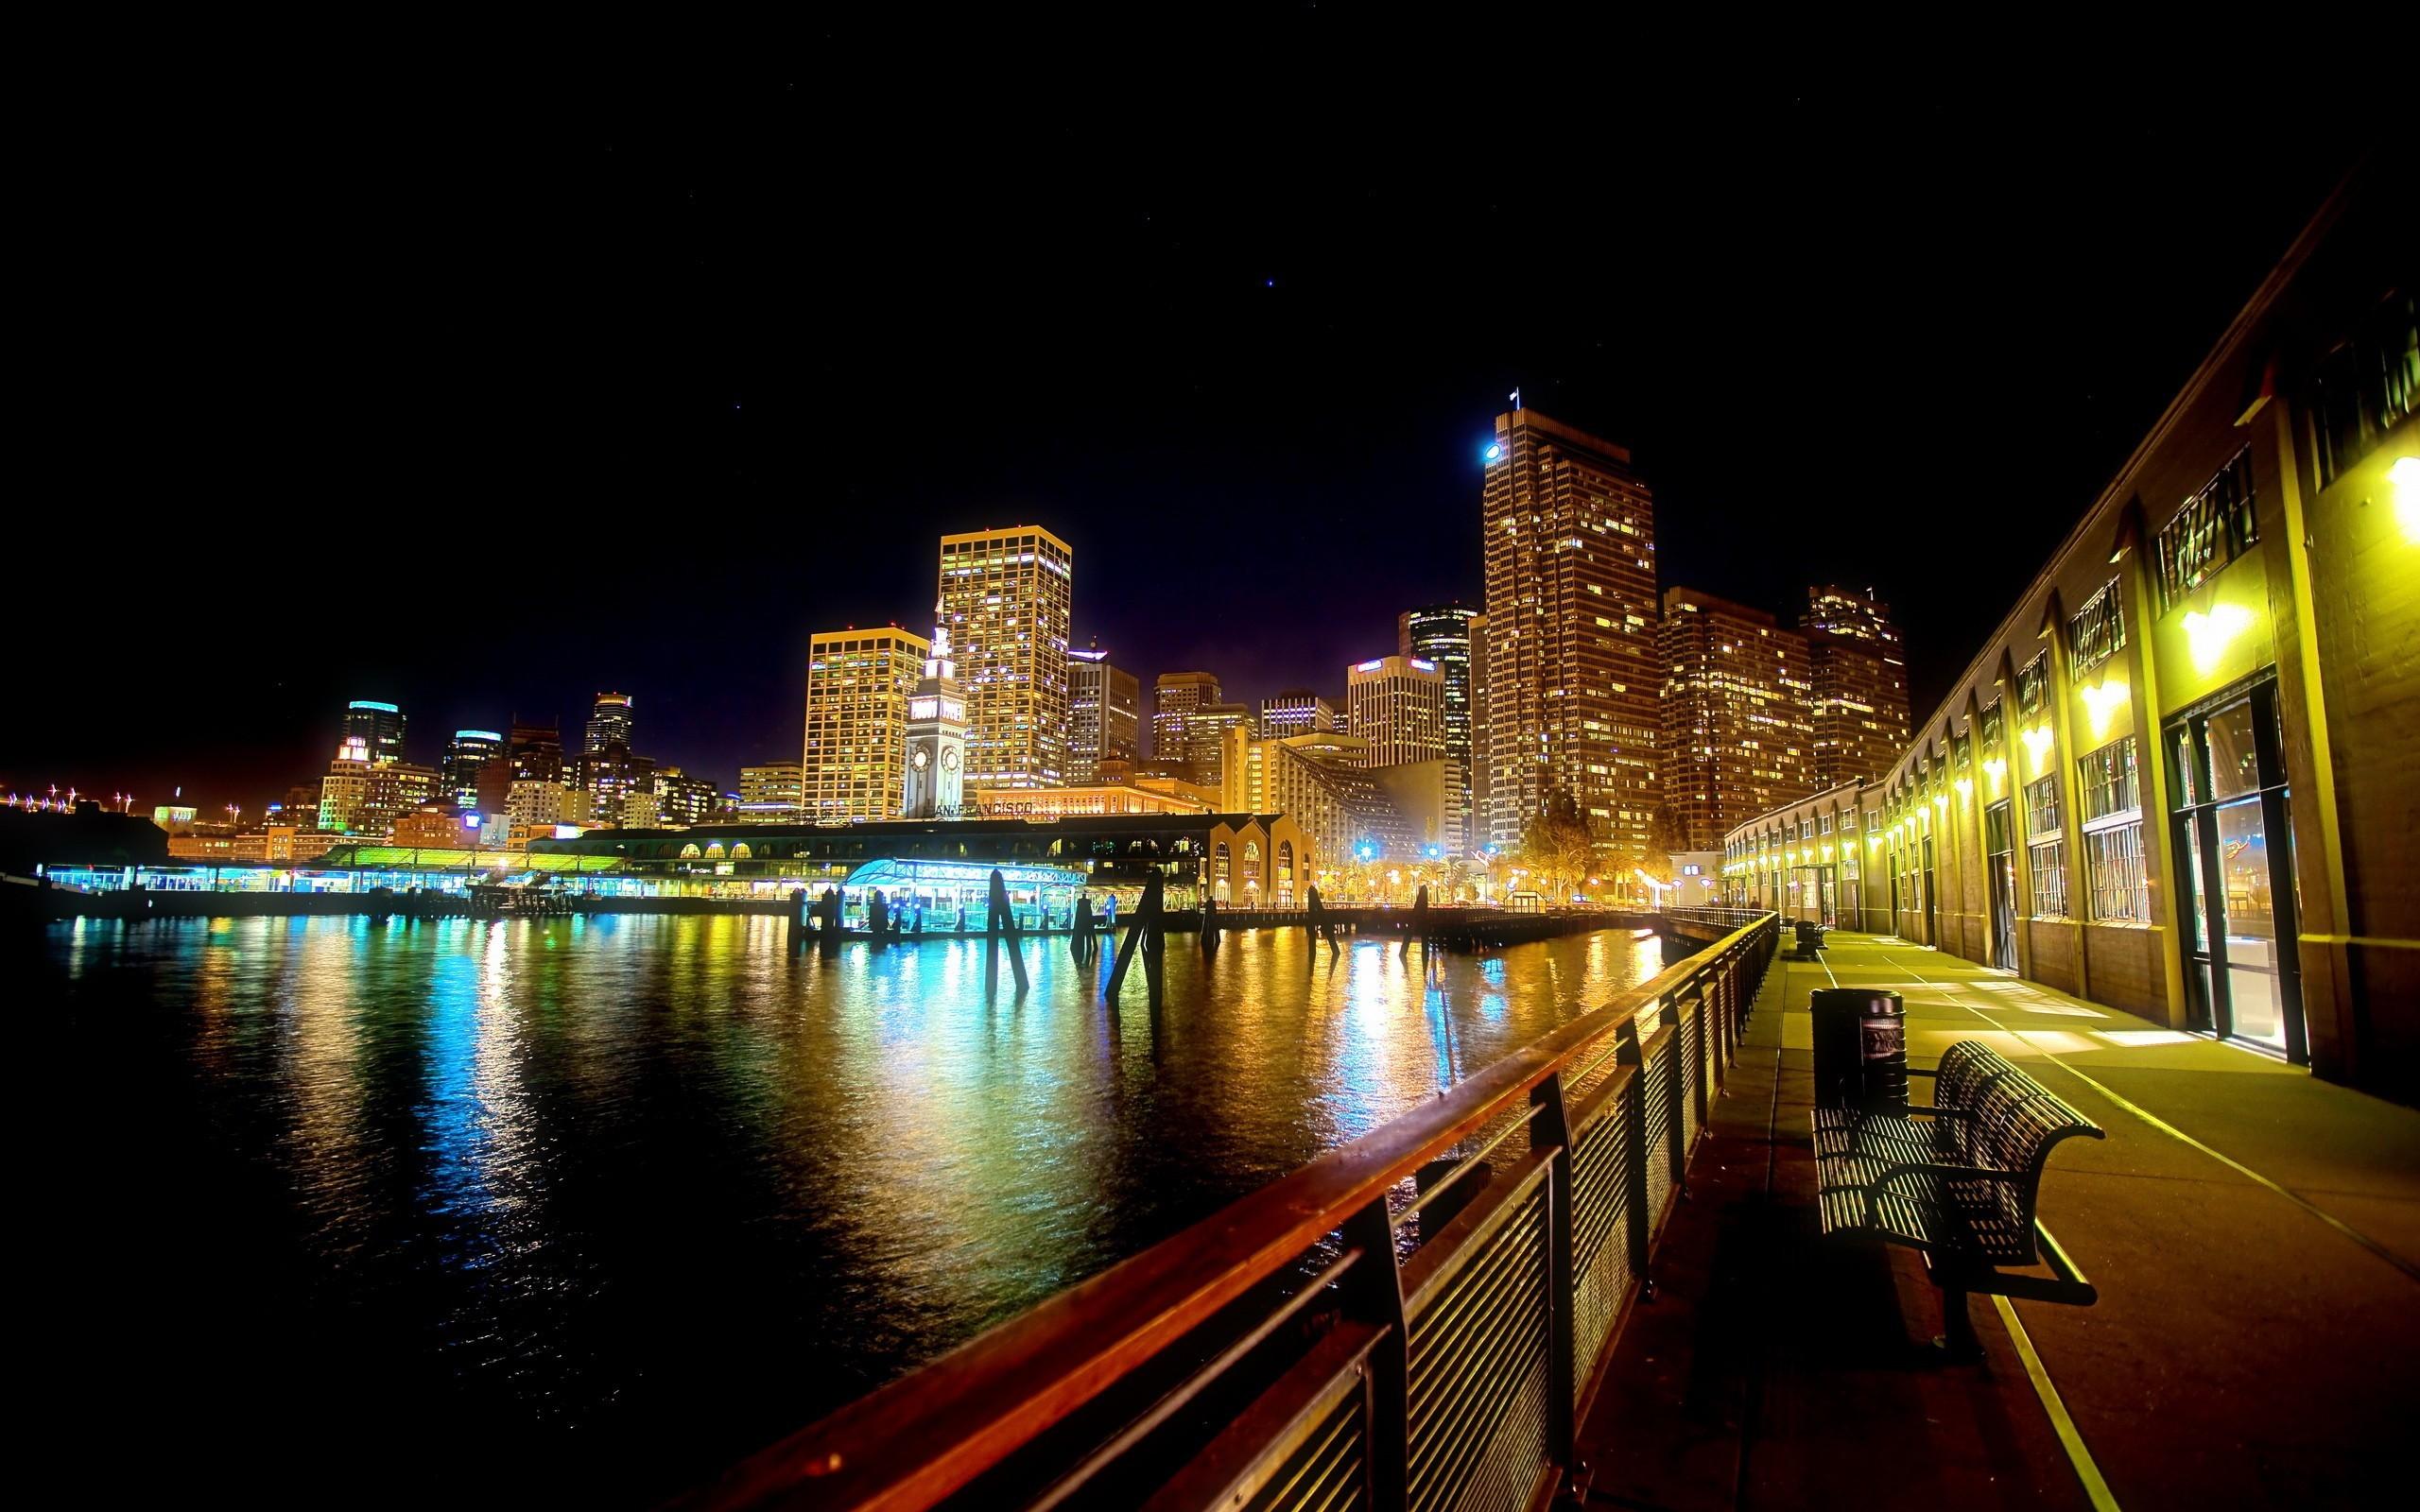 Edificios de noches - 2560x1600